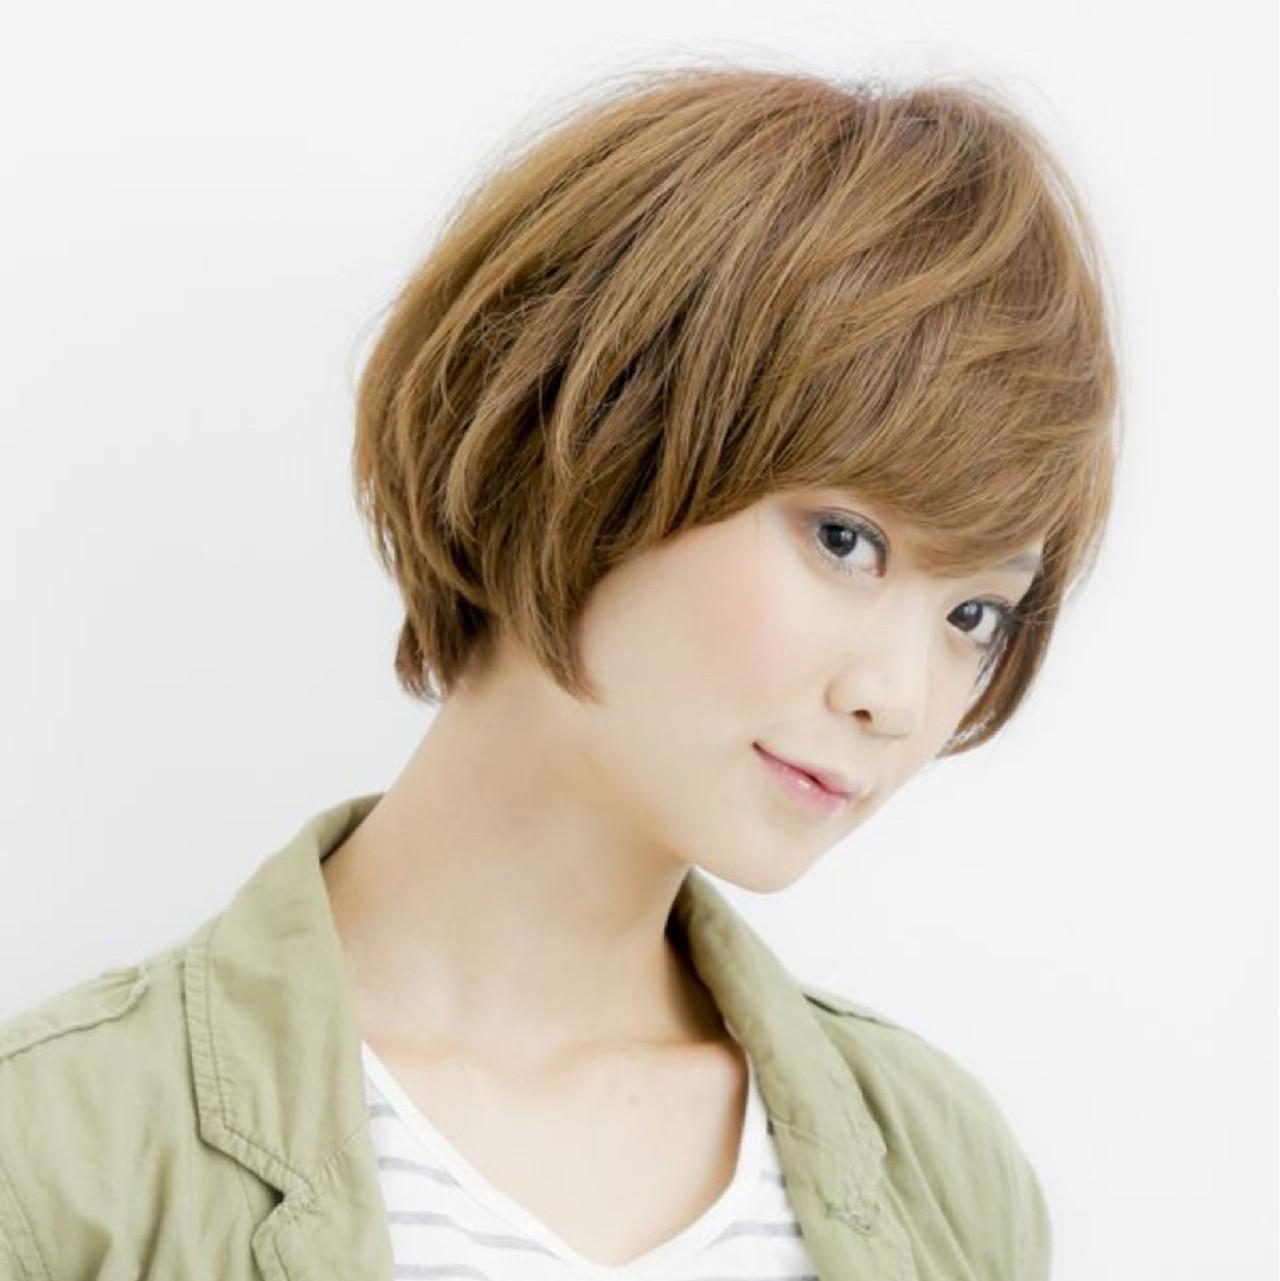 小顔 ナチュラル 似合わせ ショート ヘアスタイルや髪型の写真・画像